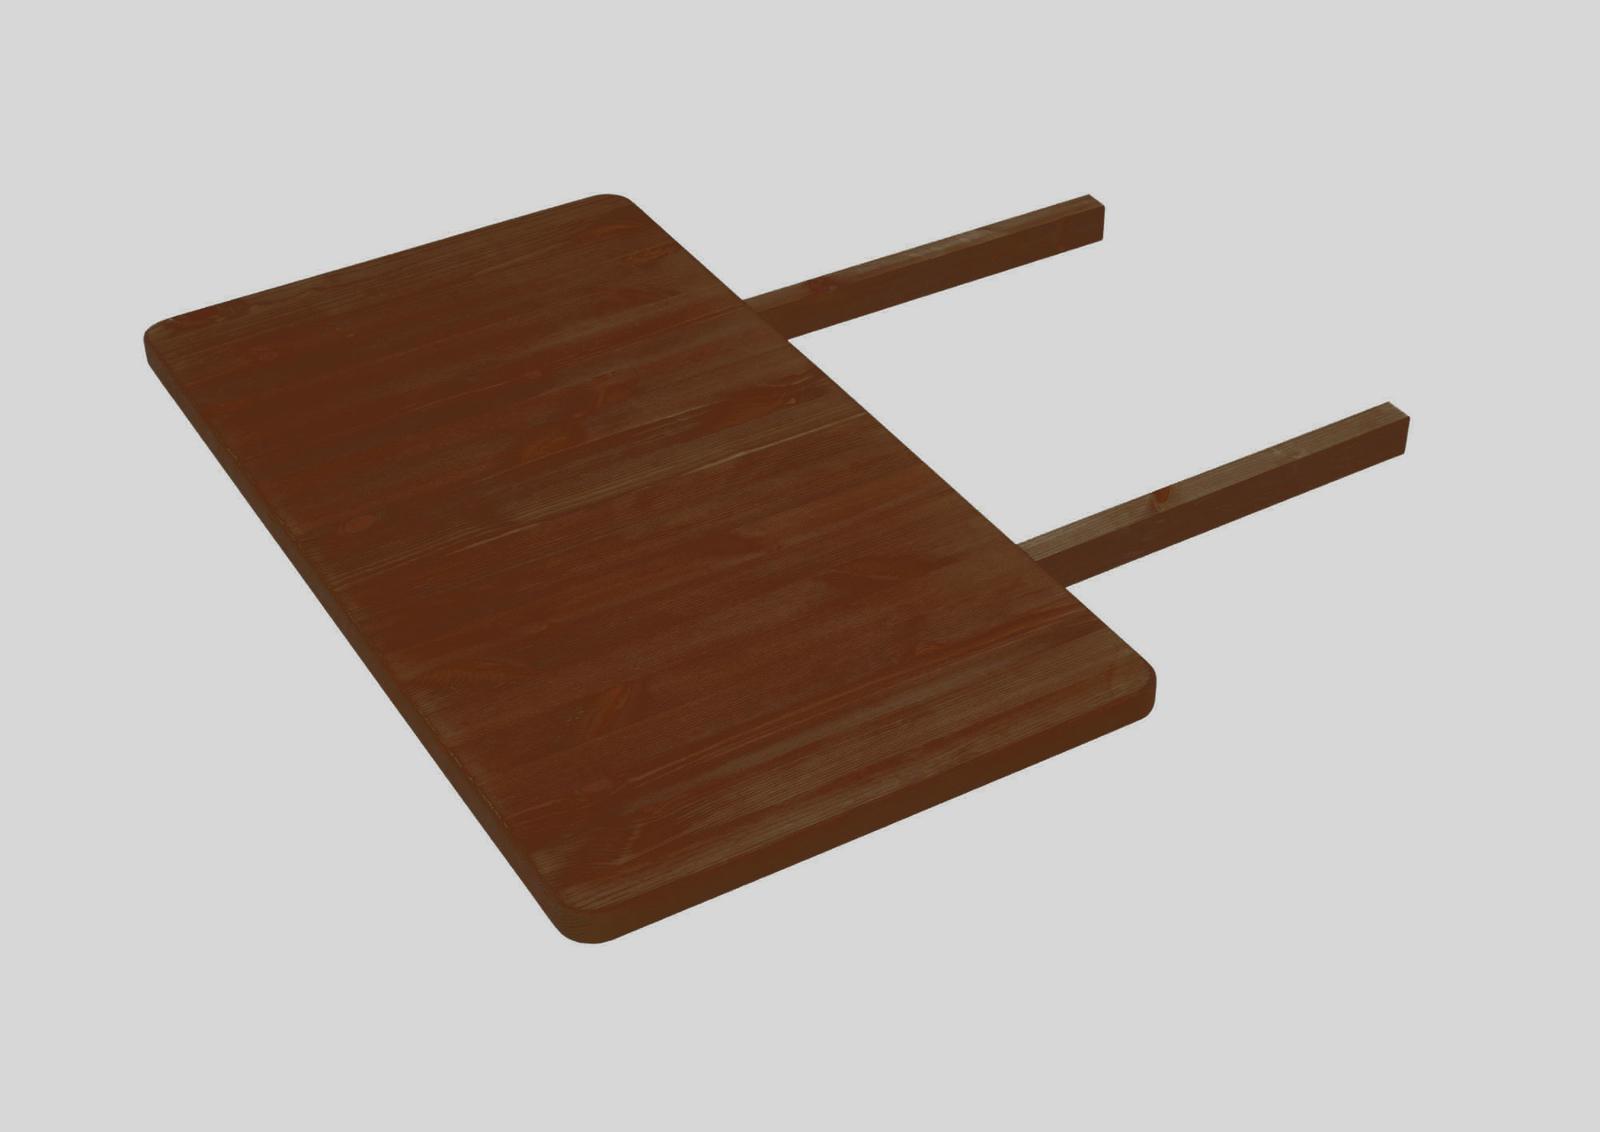 Full Size of Massivholz Ansteckplatte Fr Bergen Esstische Von Jumek Gnstig Design Rund Massiv Runde Ausziehbar Moderne Designer Kleine Holz Esstische Esstische